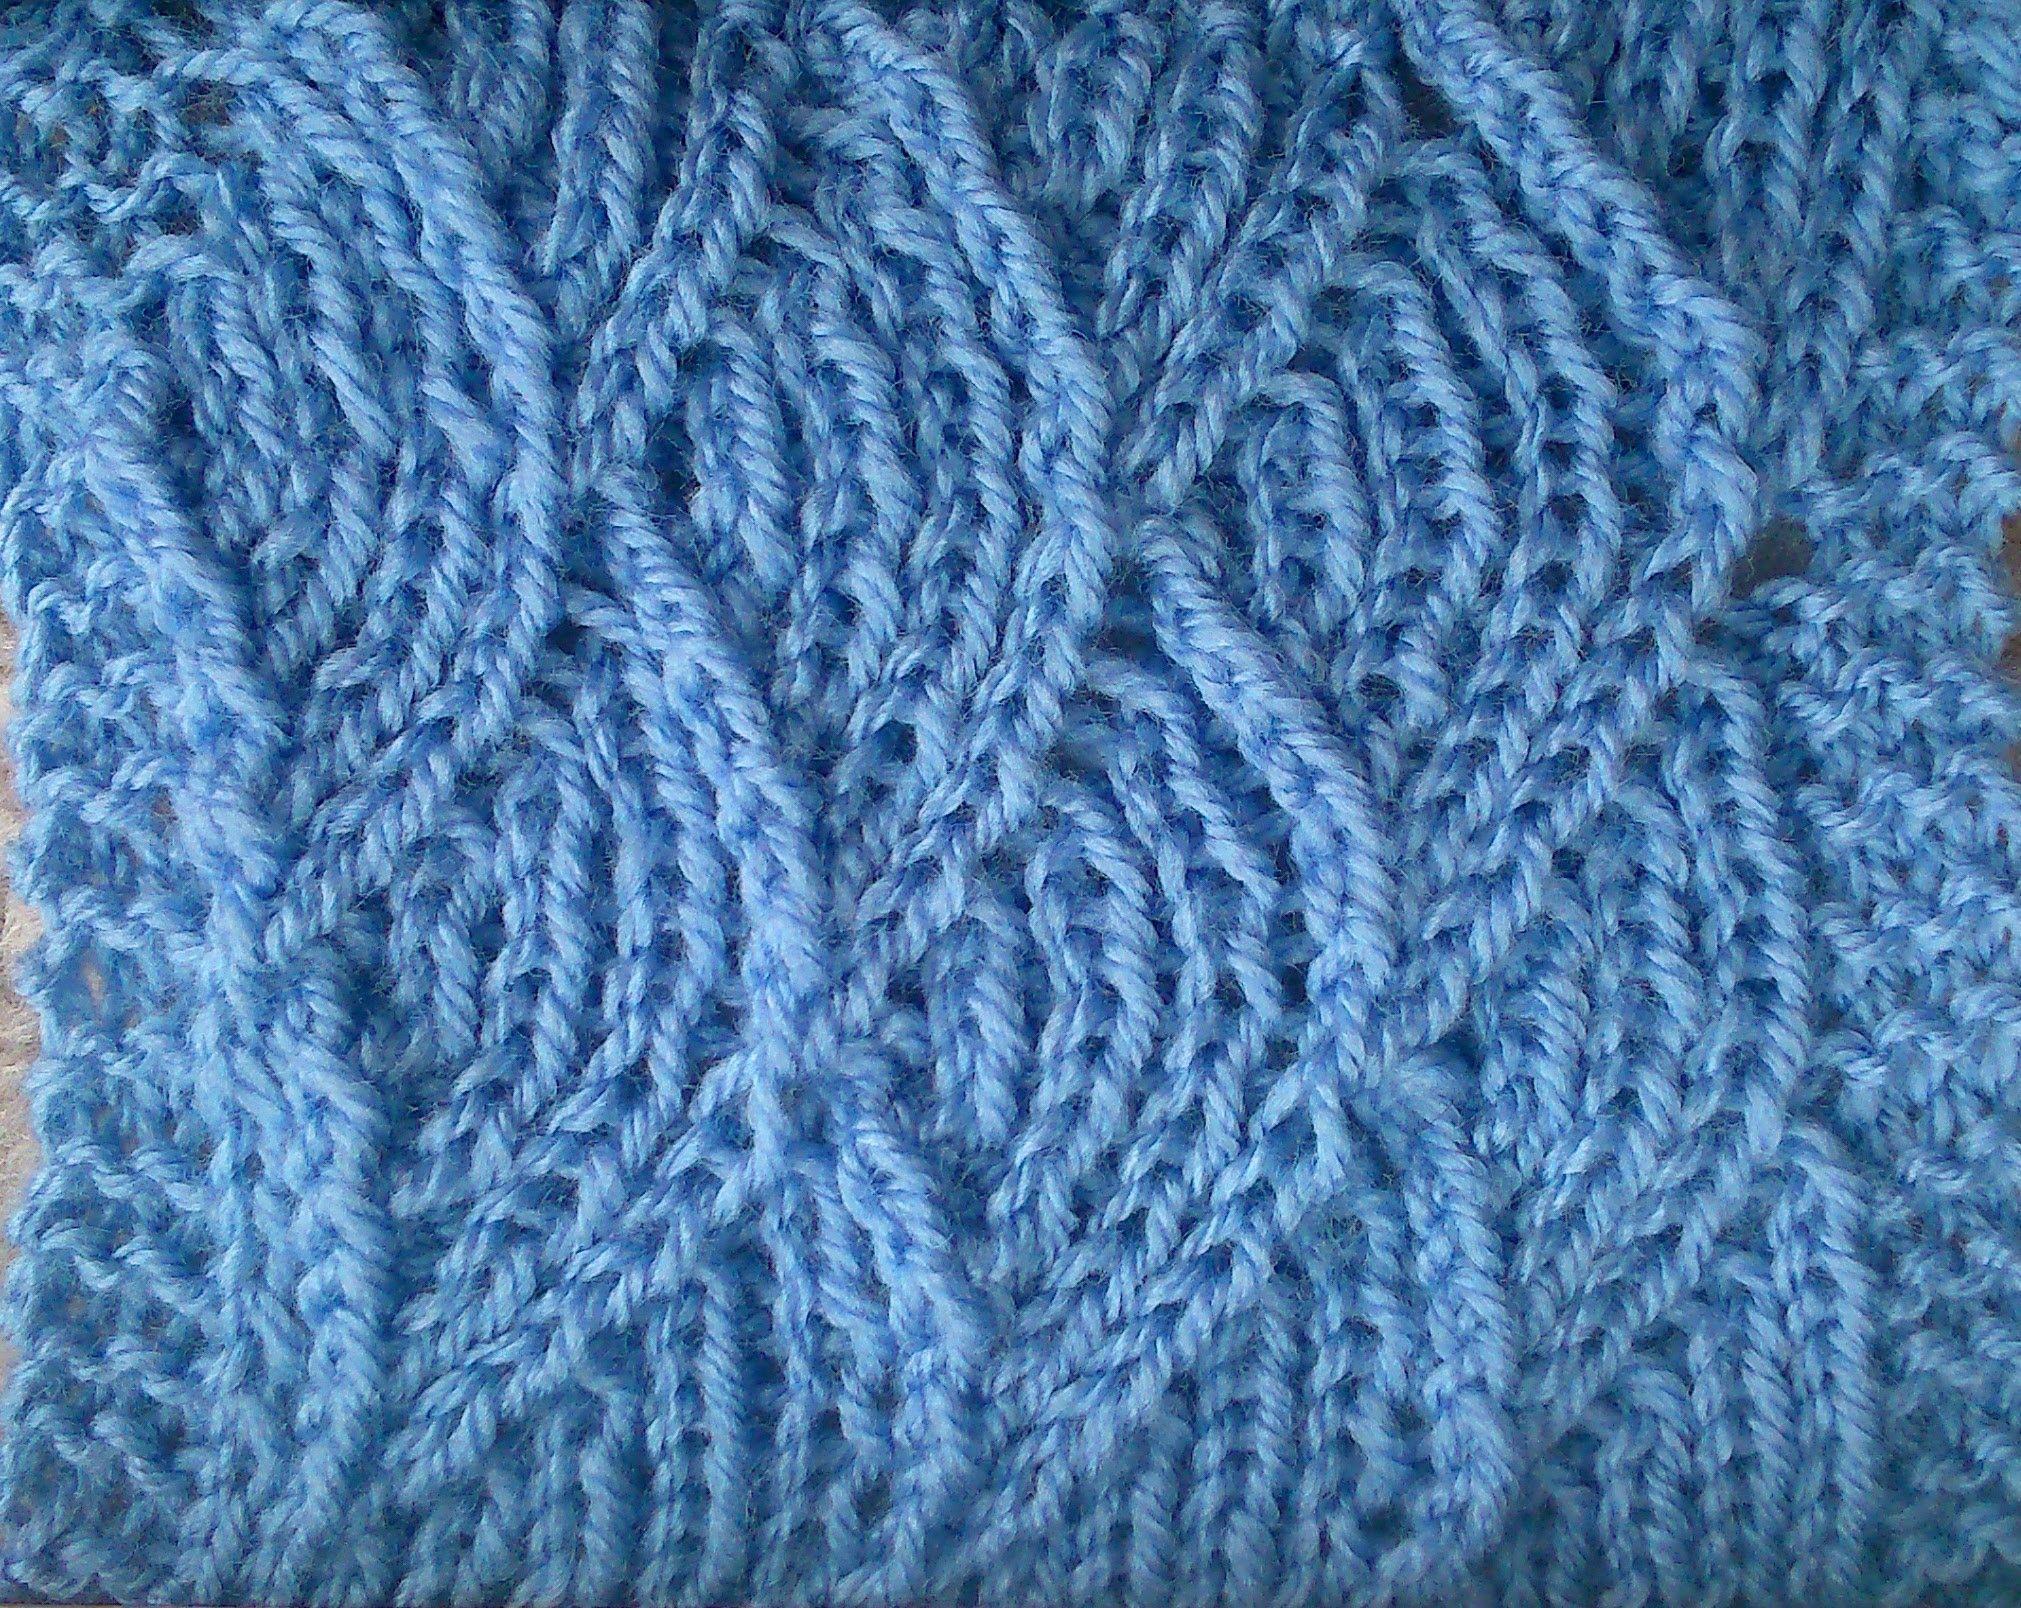 MERMAID KNITTING STITCH PATTERN TUTORIAL | Knitting stitch patterns ...